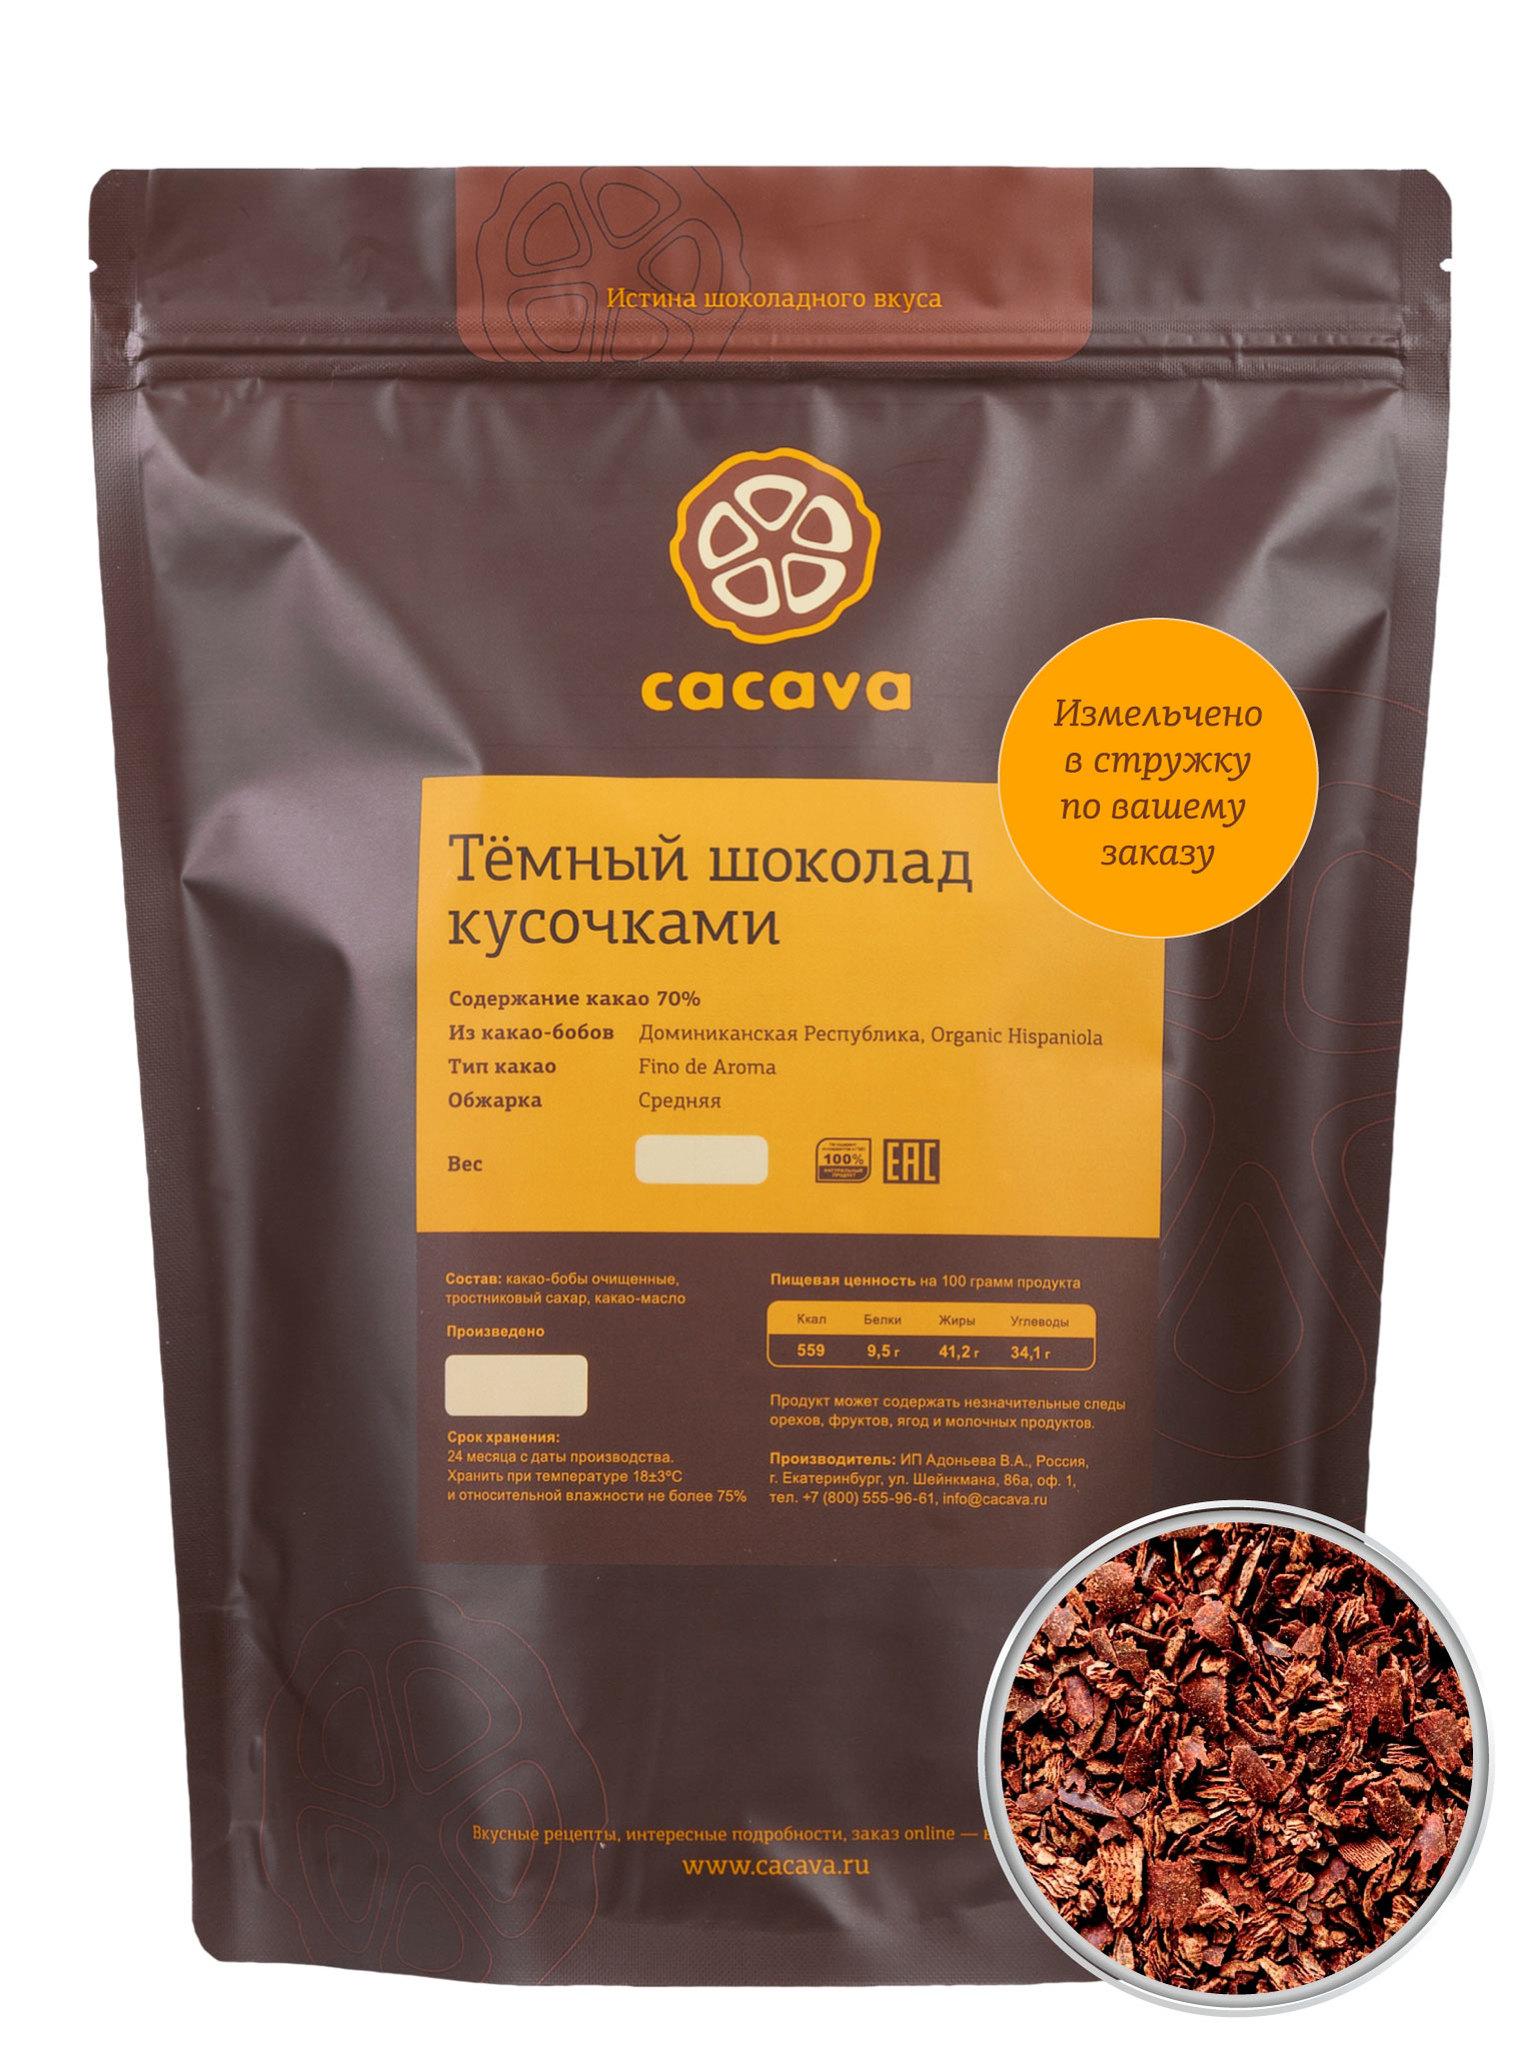 Тёмный шоколад 70 % какао в стружке (Доминикана, Organic Hispaniola), упаковка 1 кг